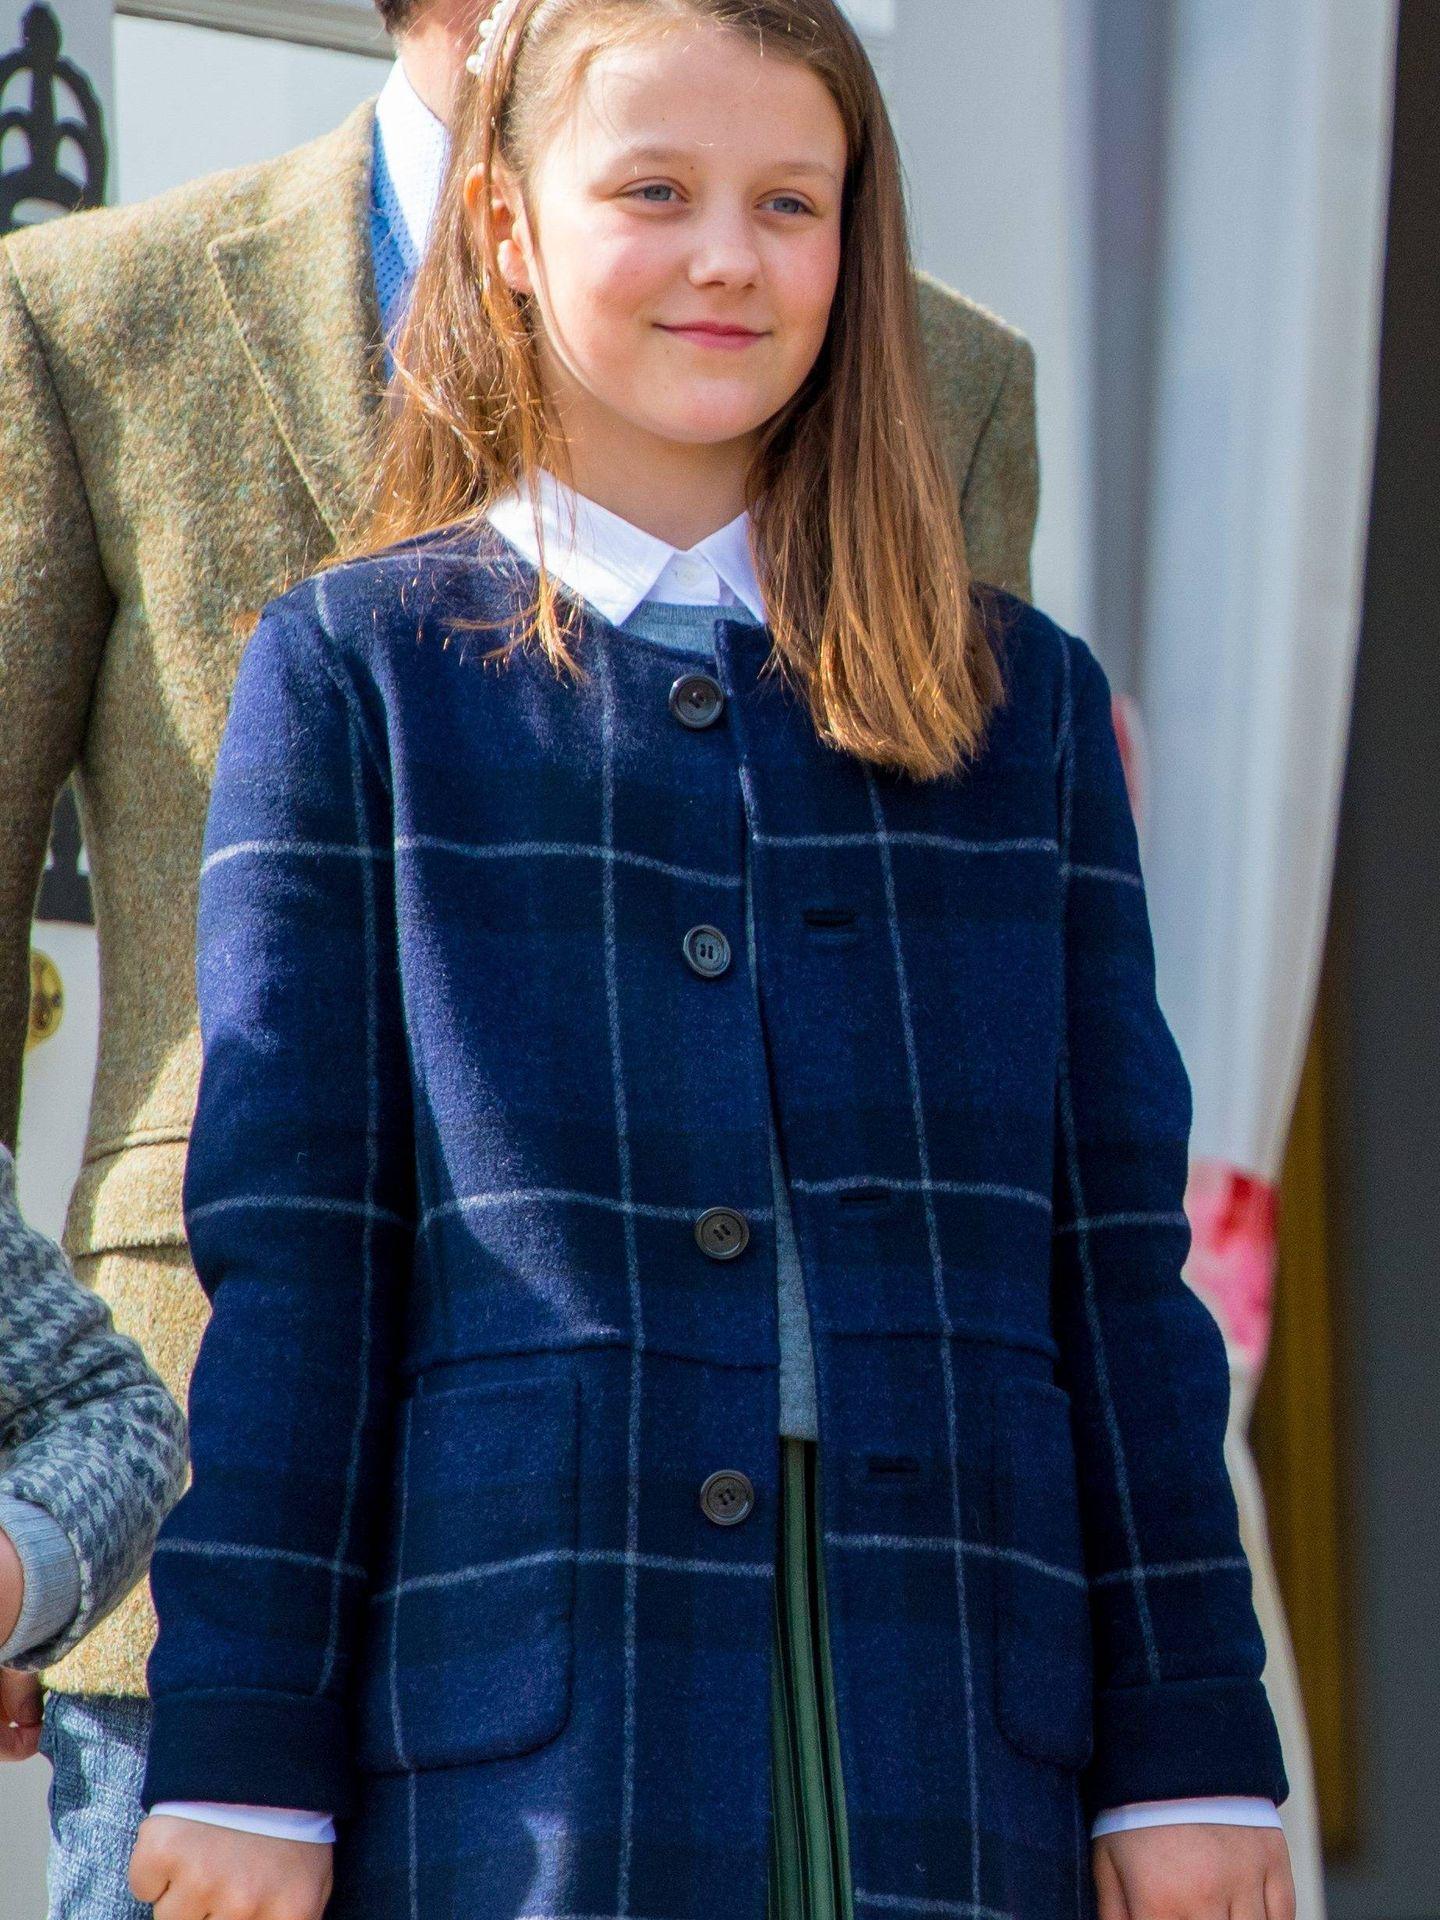 La princesa Isabella de Dinamarca en el cumpleaños de la reina Margarita. (Cordon Press)